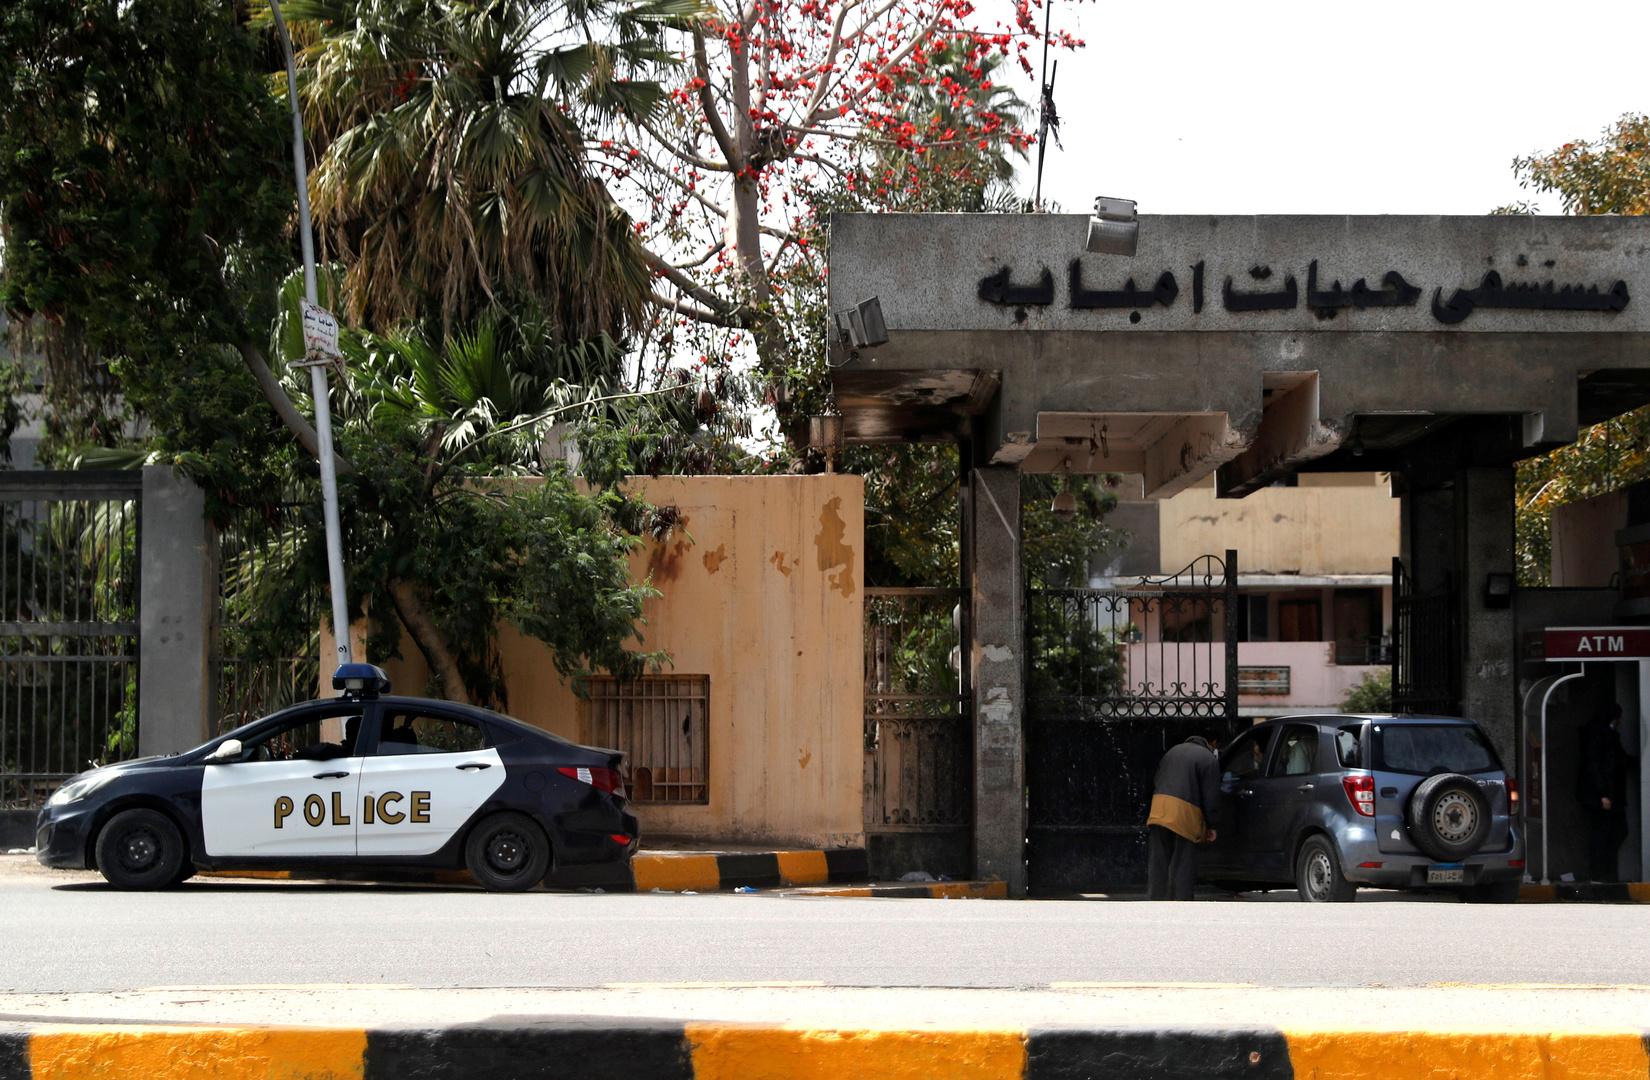 وزارة الصحة المصرية: تسجيل 1127 حالة إيجابية جديدة لفيروس كورونا و29 حالة وفاة